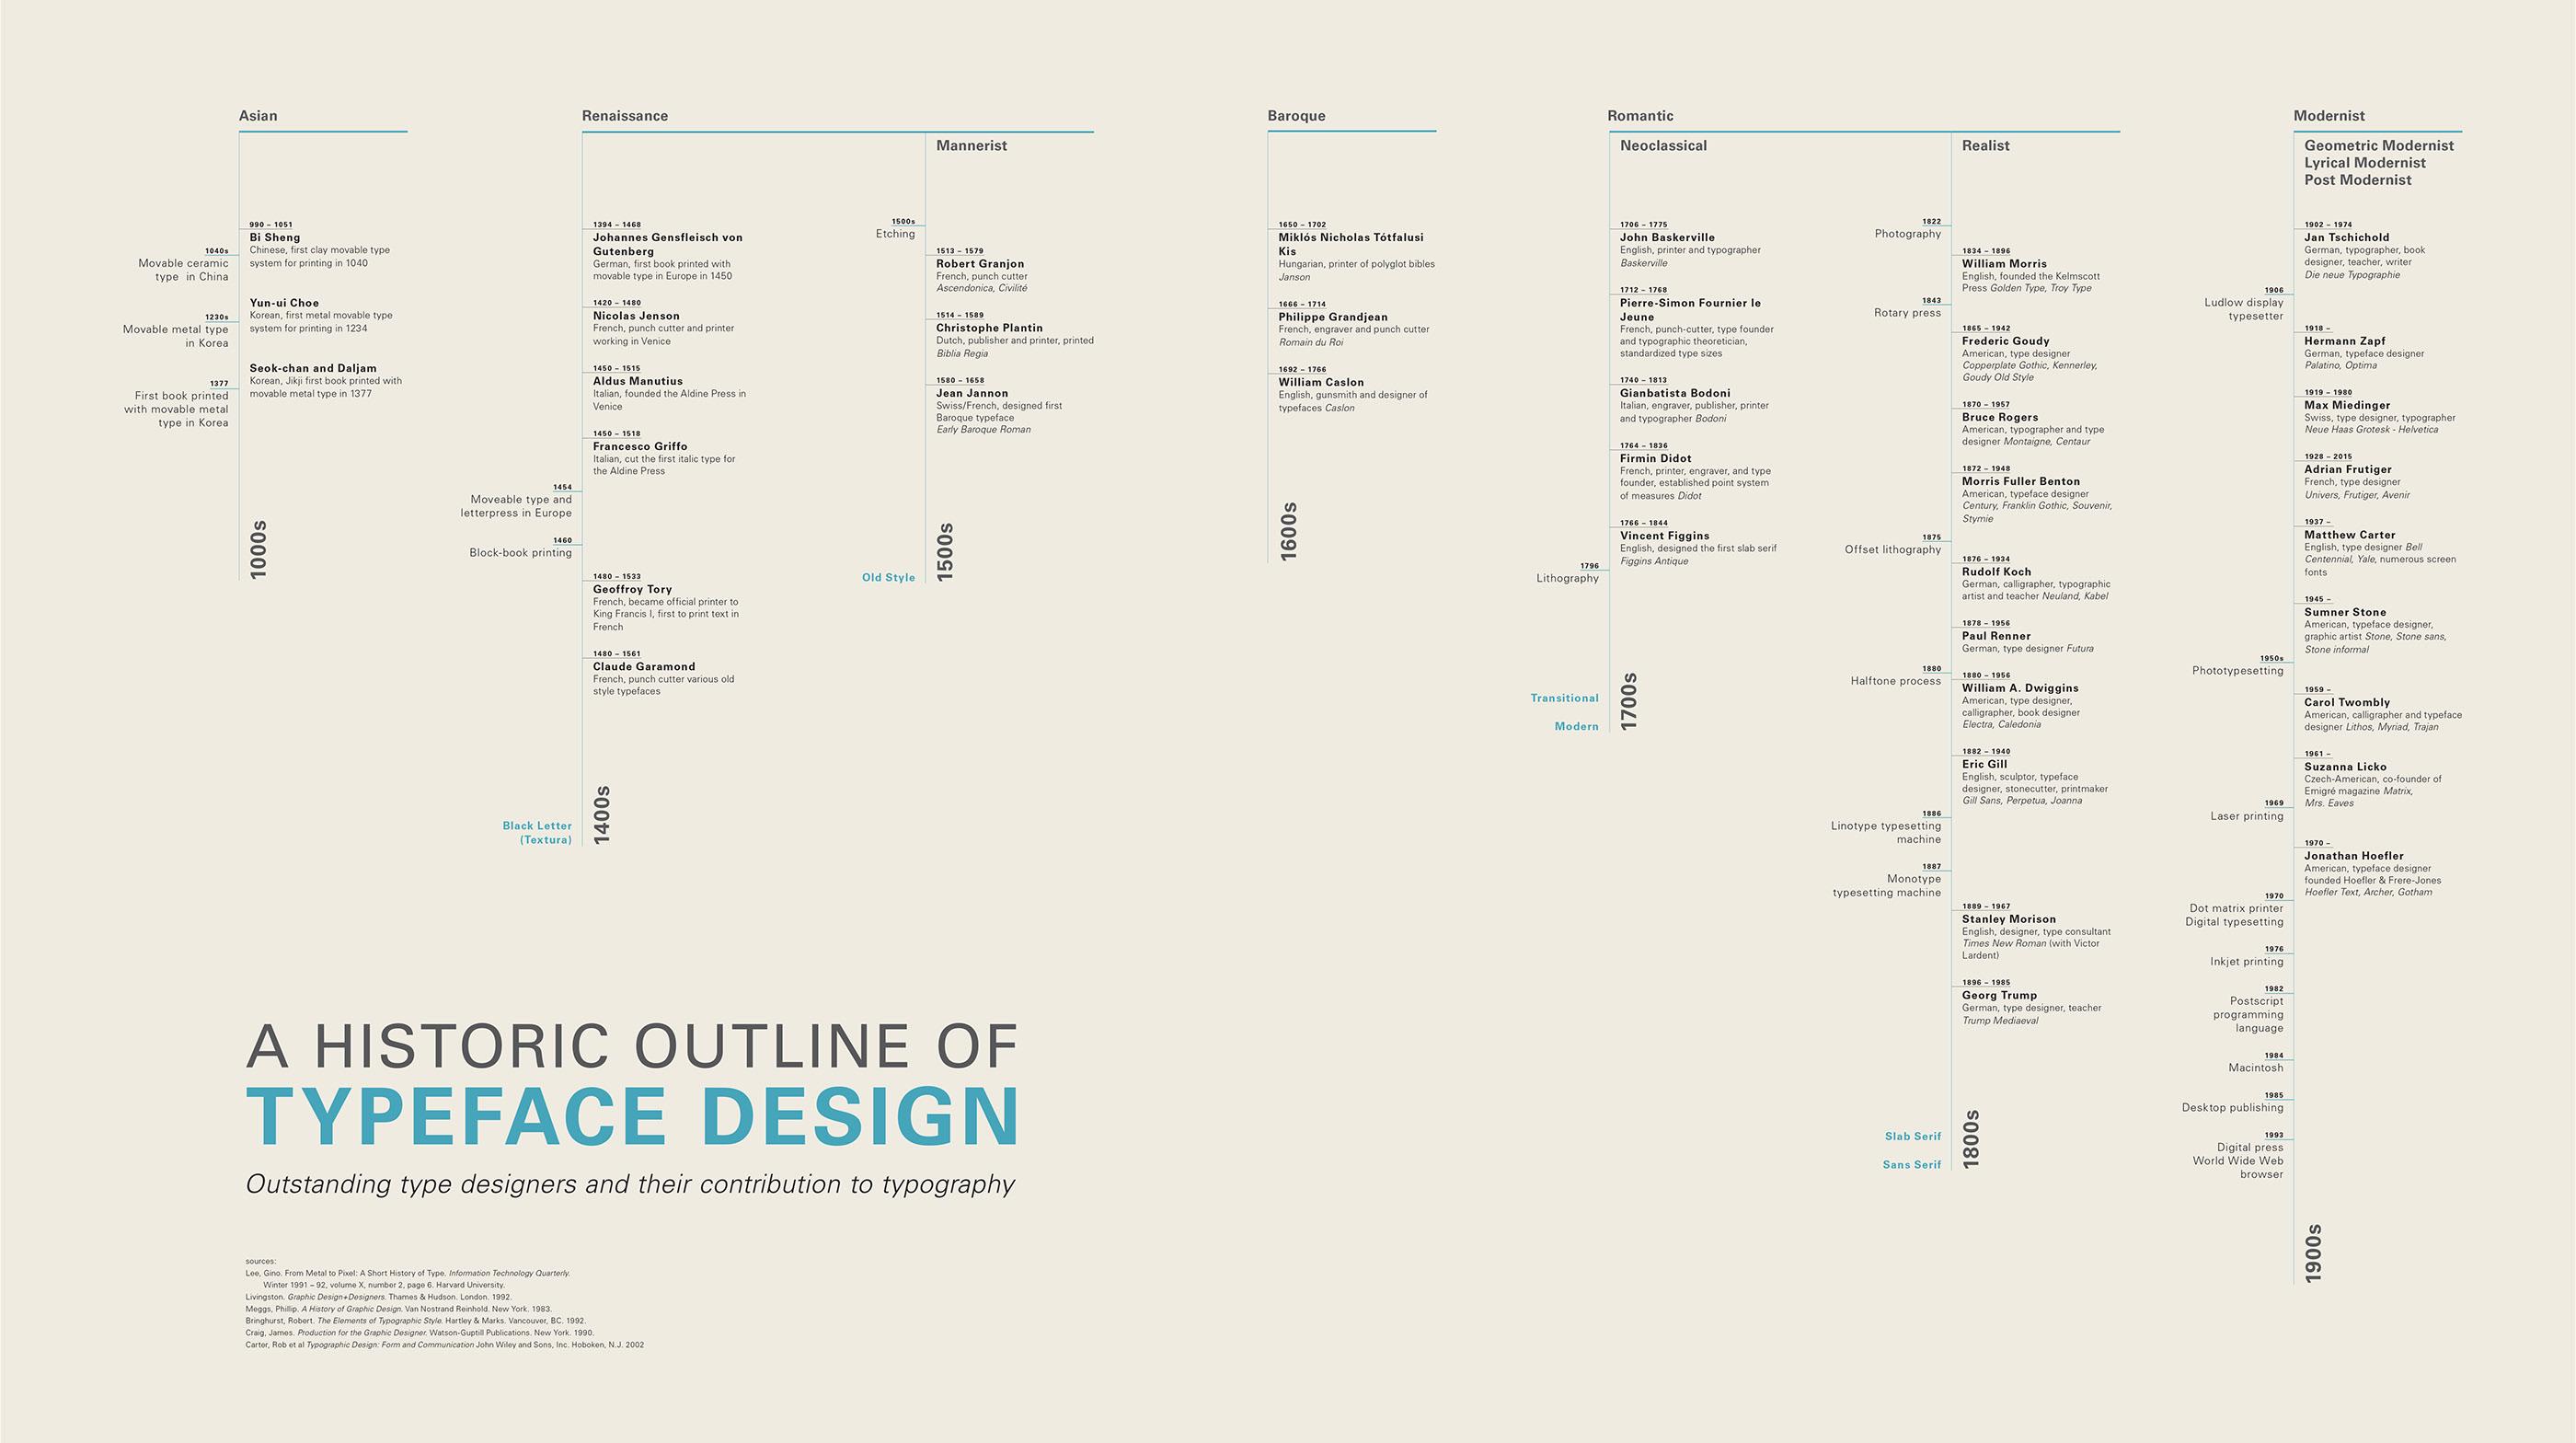 Cronología del diseño tipográfico